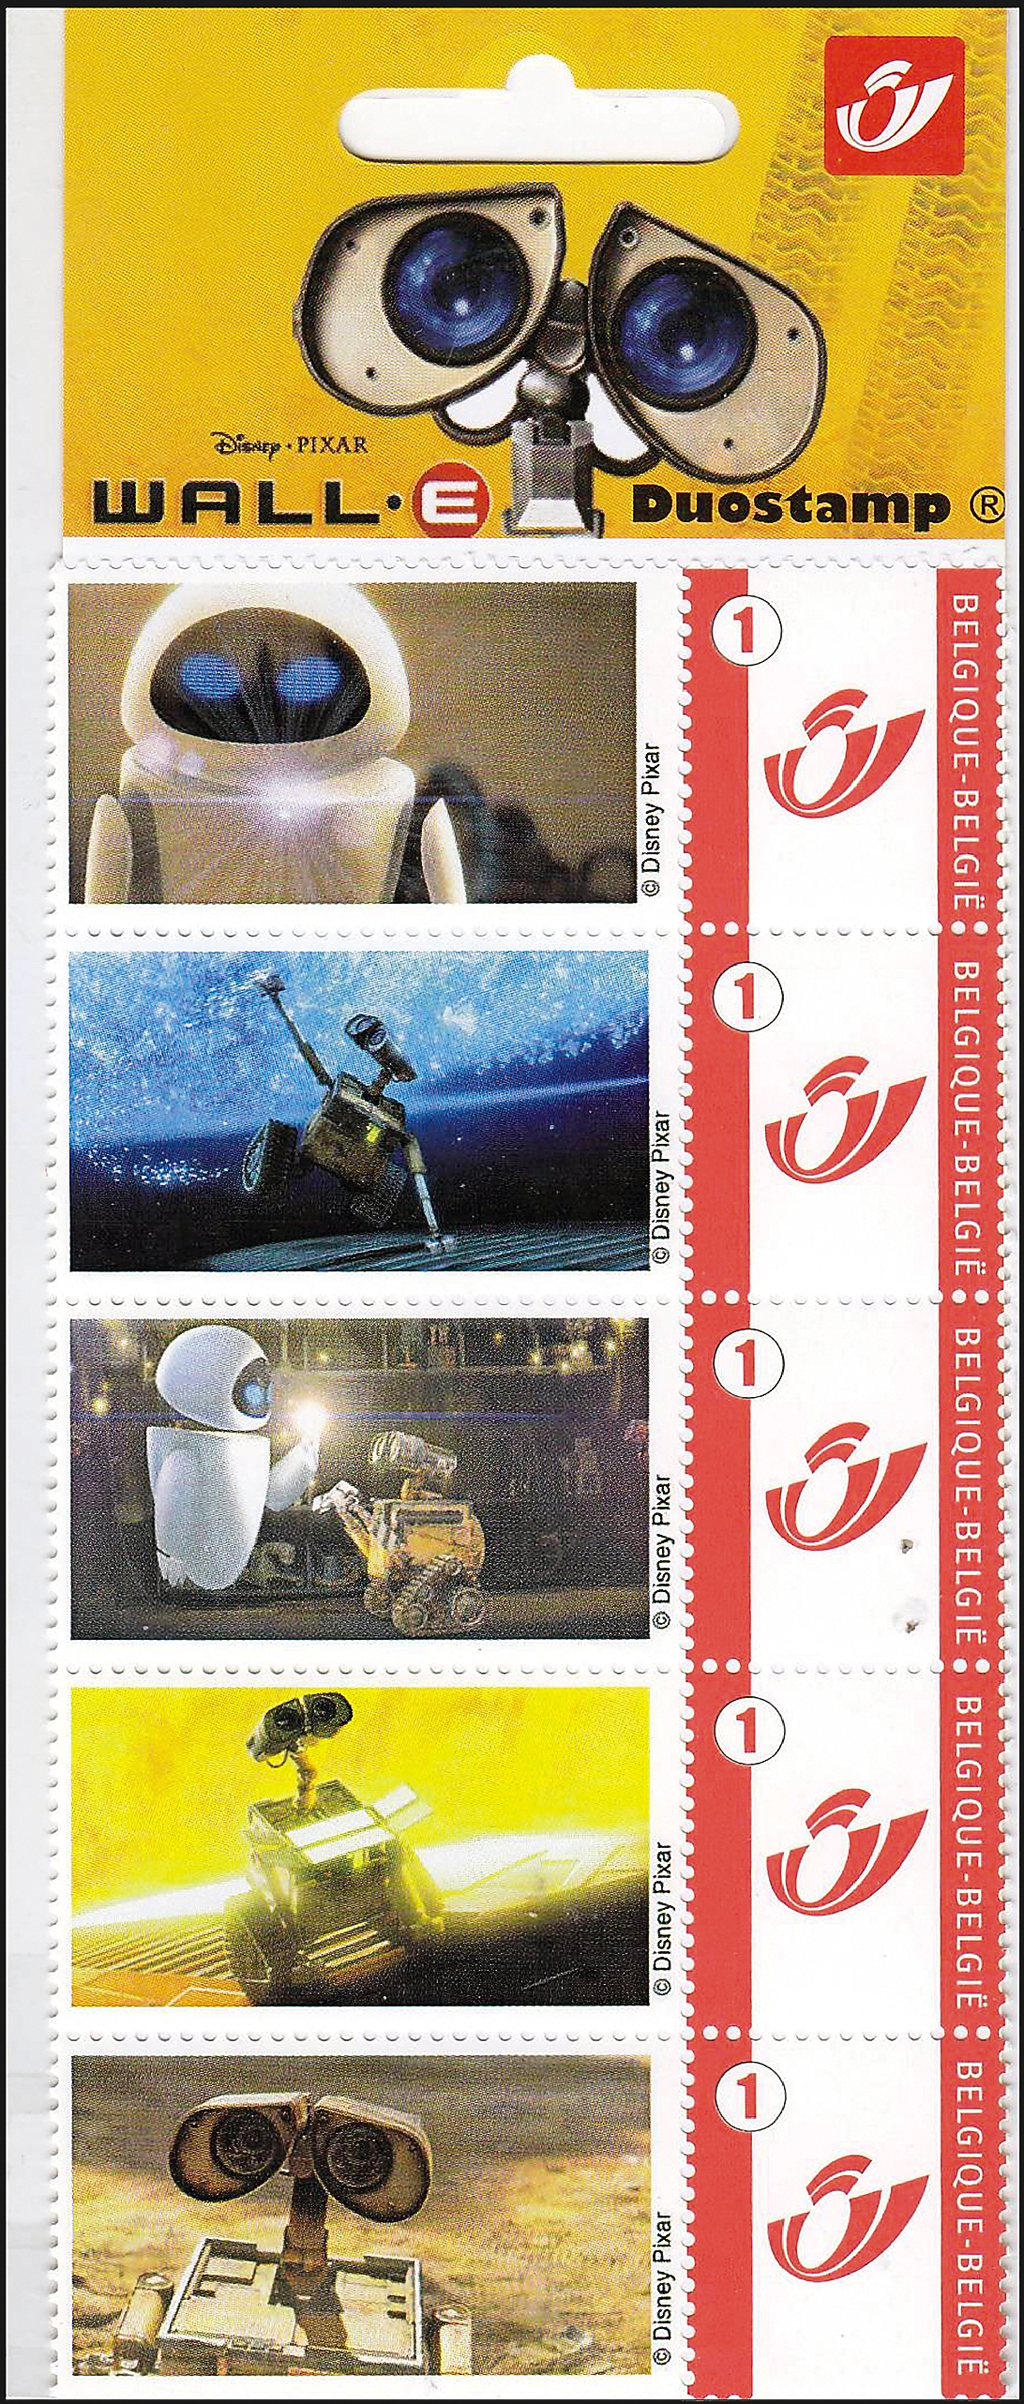 disney-pixar-stamps-belgium-booklet-pane-wall-e-2008